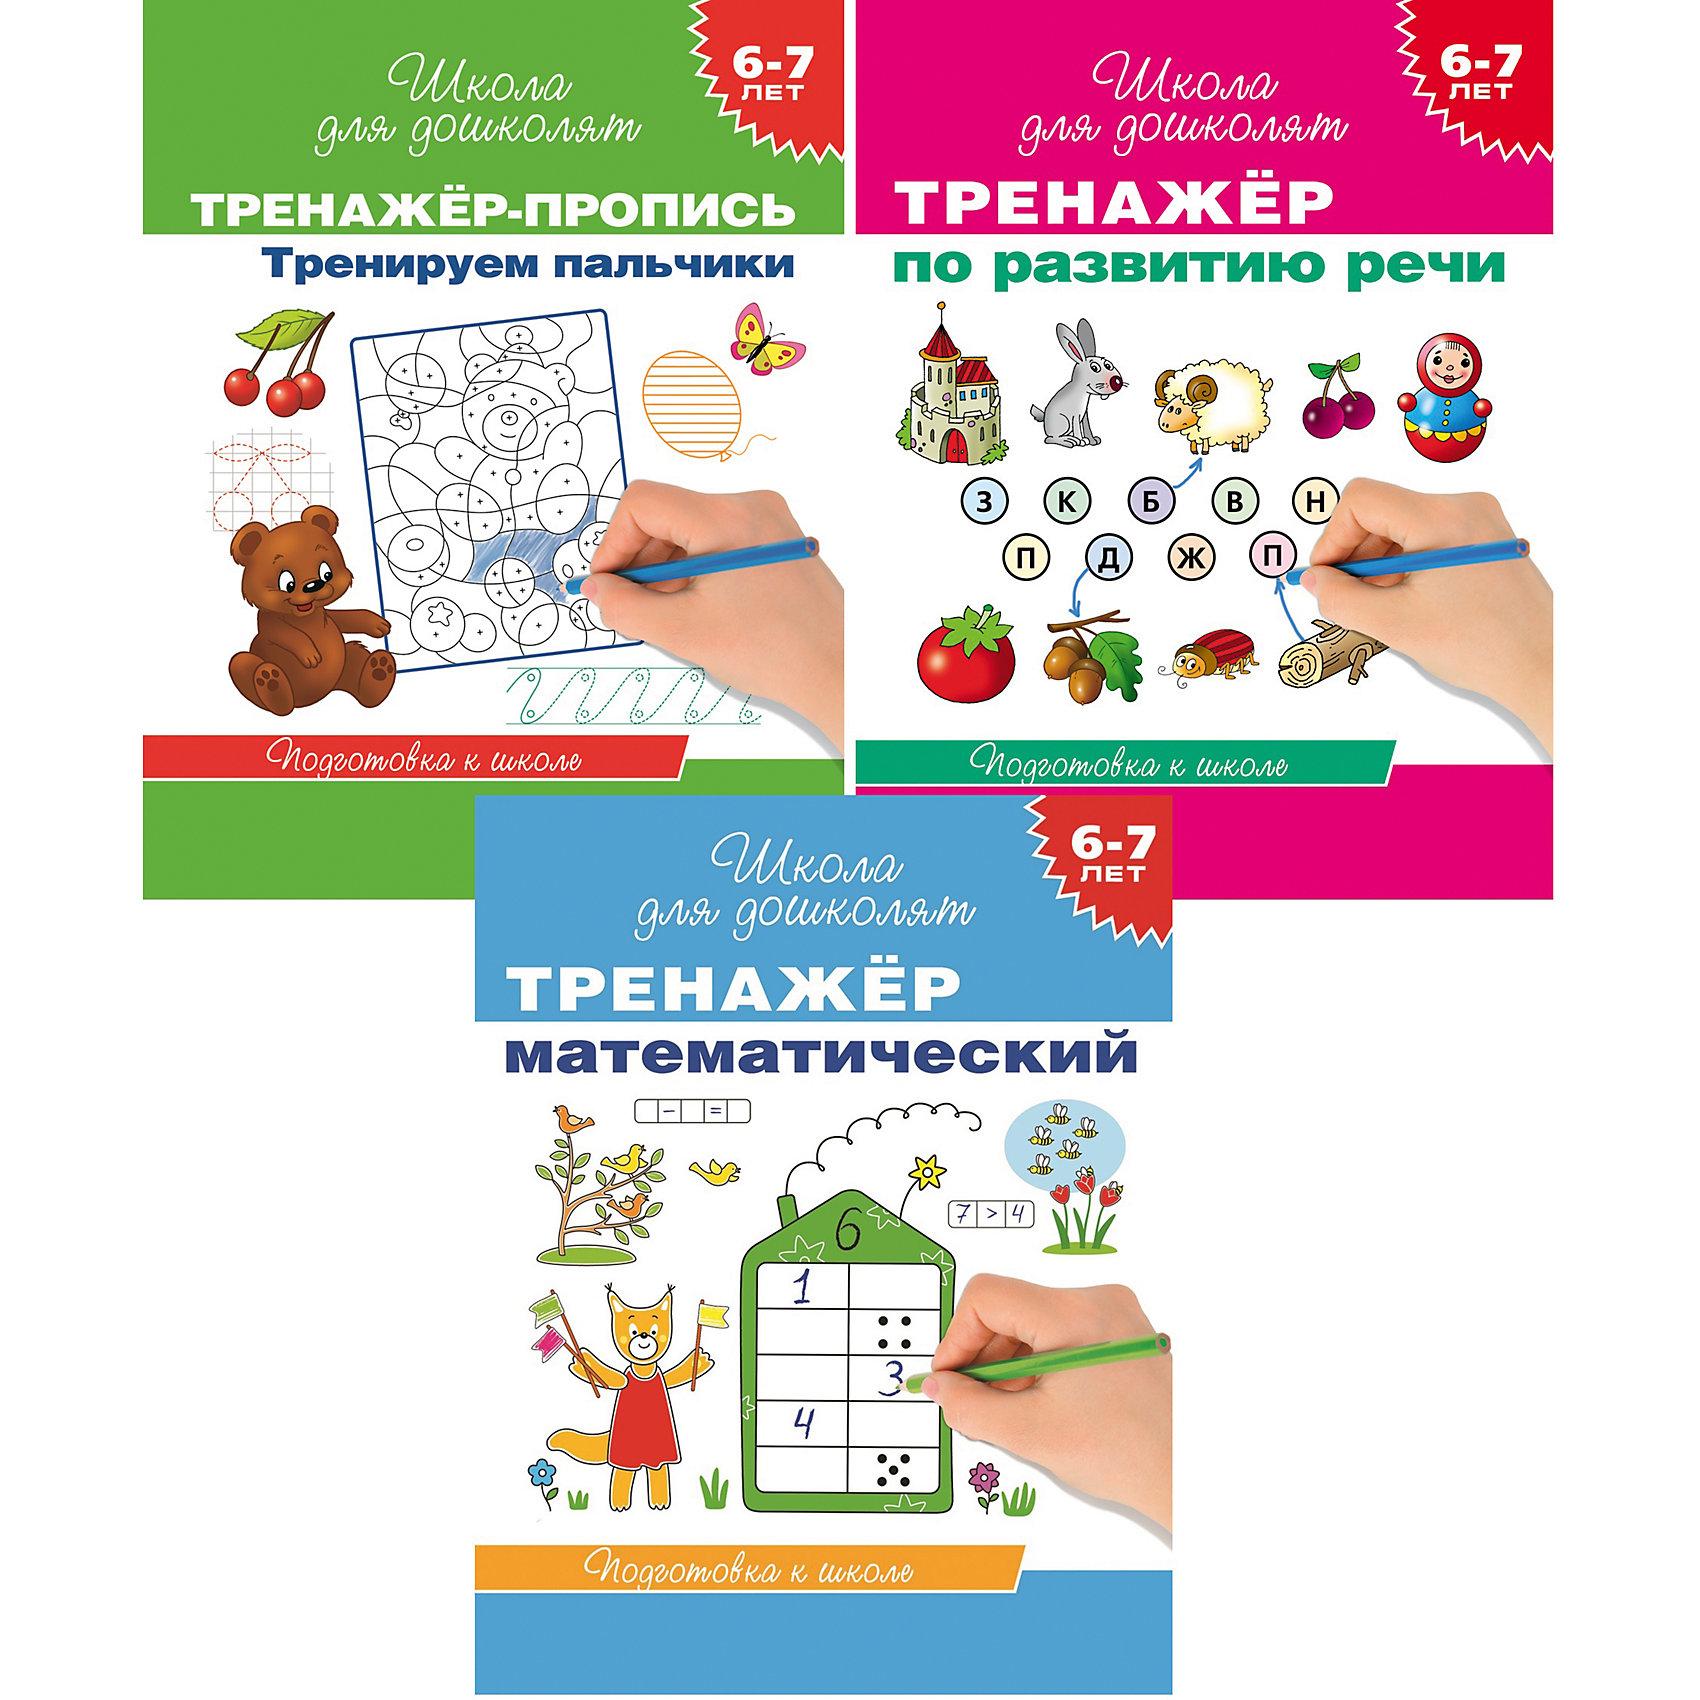 Комплект Школа для дошколят, ТренажерыСерия Школа для дошколят популярна в дошкольных общеобразовательных учреждениях, на курсах подготовки к школе, в начальных классах школы. Авторы книг - квалифицированные педагоги и детские психологи. Комплект Тренажеры можно использовать, как на групповых занятиях в детских садах и в начальной школе, так и для индивидуальной работы с детьми.<br><br>В комплект «Тренажеры» входит: <br><br>1) Тренажер-пропись, предназначенный для подготовки к письму. В книге представлены графические упражнения по ориентировке руки на бумаге, дорисовке, обводке, штриховке и раскрашиванию (64 стр.). <br>2) Тренажер, ориентированный на  развитие фонематического слуха, формирование грамматического строя речи, обогащение словарного запаса, развитие связной речи (96 стр.). <br>3) Тренажер, знакомящий с цифрами, числами и геометрическими фигурами, помогающий освоить прямой и обратный счет в пределах 20, познакомиться со счетом до 100 десятками, научиться складывать, вычитать, решать несложные примеры и задачи (96 стр.).<br><br> Дополнительная информация:<br><br>- размеры: ширина: 19.5 *25.5см<br>- жанры: развитие общих способностей<br>- комплектация: книга<br>- цвет: голубой, светло-коричневый, темно-бежевый<br>- состав: бумага<br>- страна бренда: Россия<br>- страна производитель: Россия<br><br>Комплект Школа для дошколят, Тренажеры можно купить в нашем интернет-магазине<br><br>Ширина мм: 255<br>Глубина мм: 195<br>Высота мм: 14<br>Вес г: 502<br>Возраст от месяцев: 60<br>Возраст до месяцев: 84<br>Пол: Унисекс<br>Возраст: Детский<br>SKU: 4993490